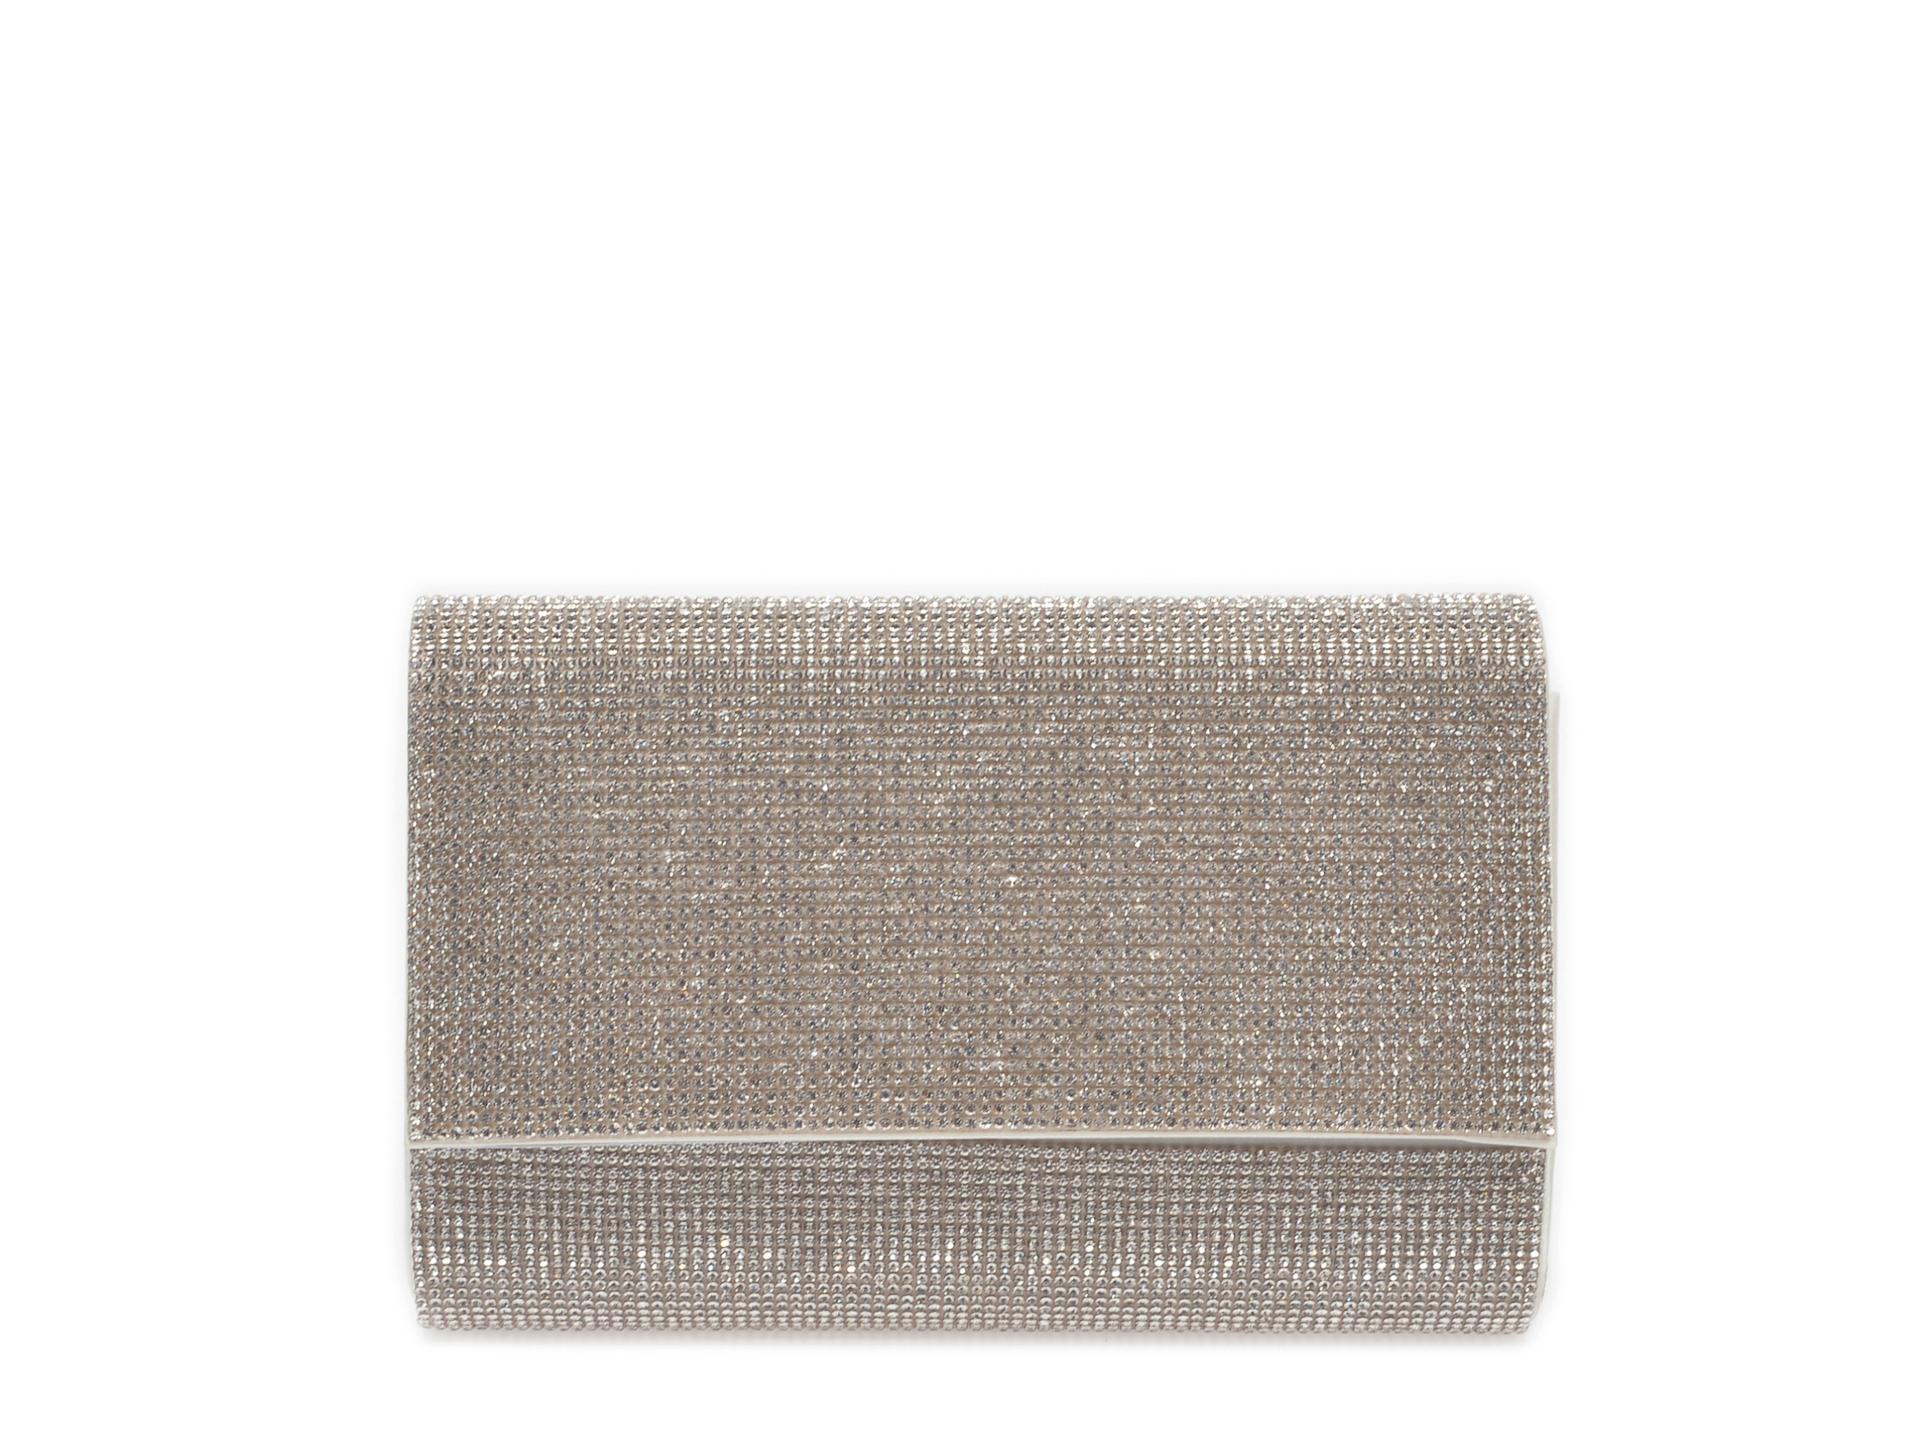 Poseta plic ALDO argintie, Imnaha040, din material textil imagine